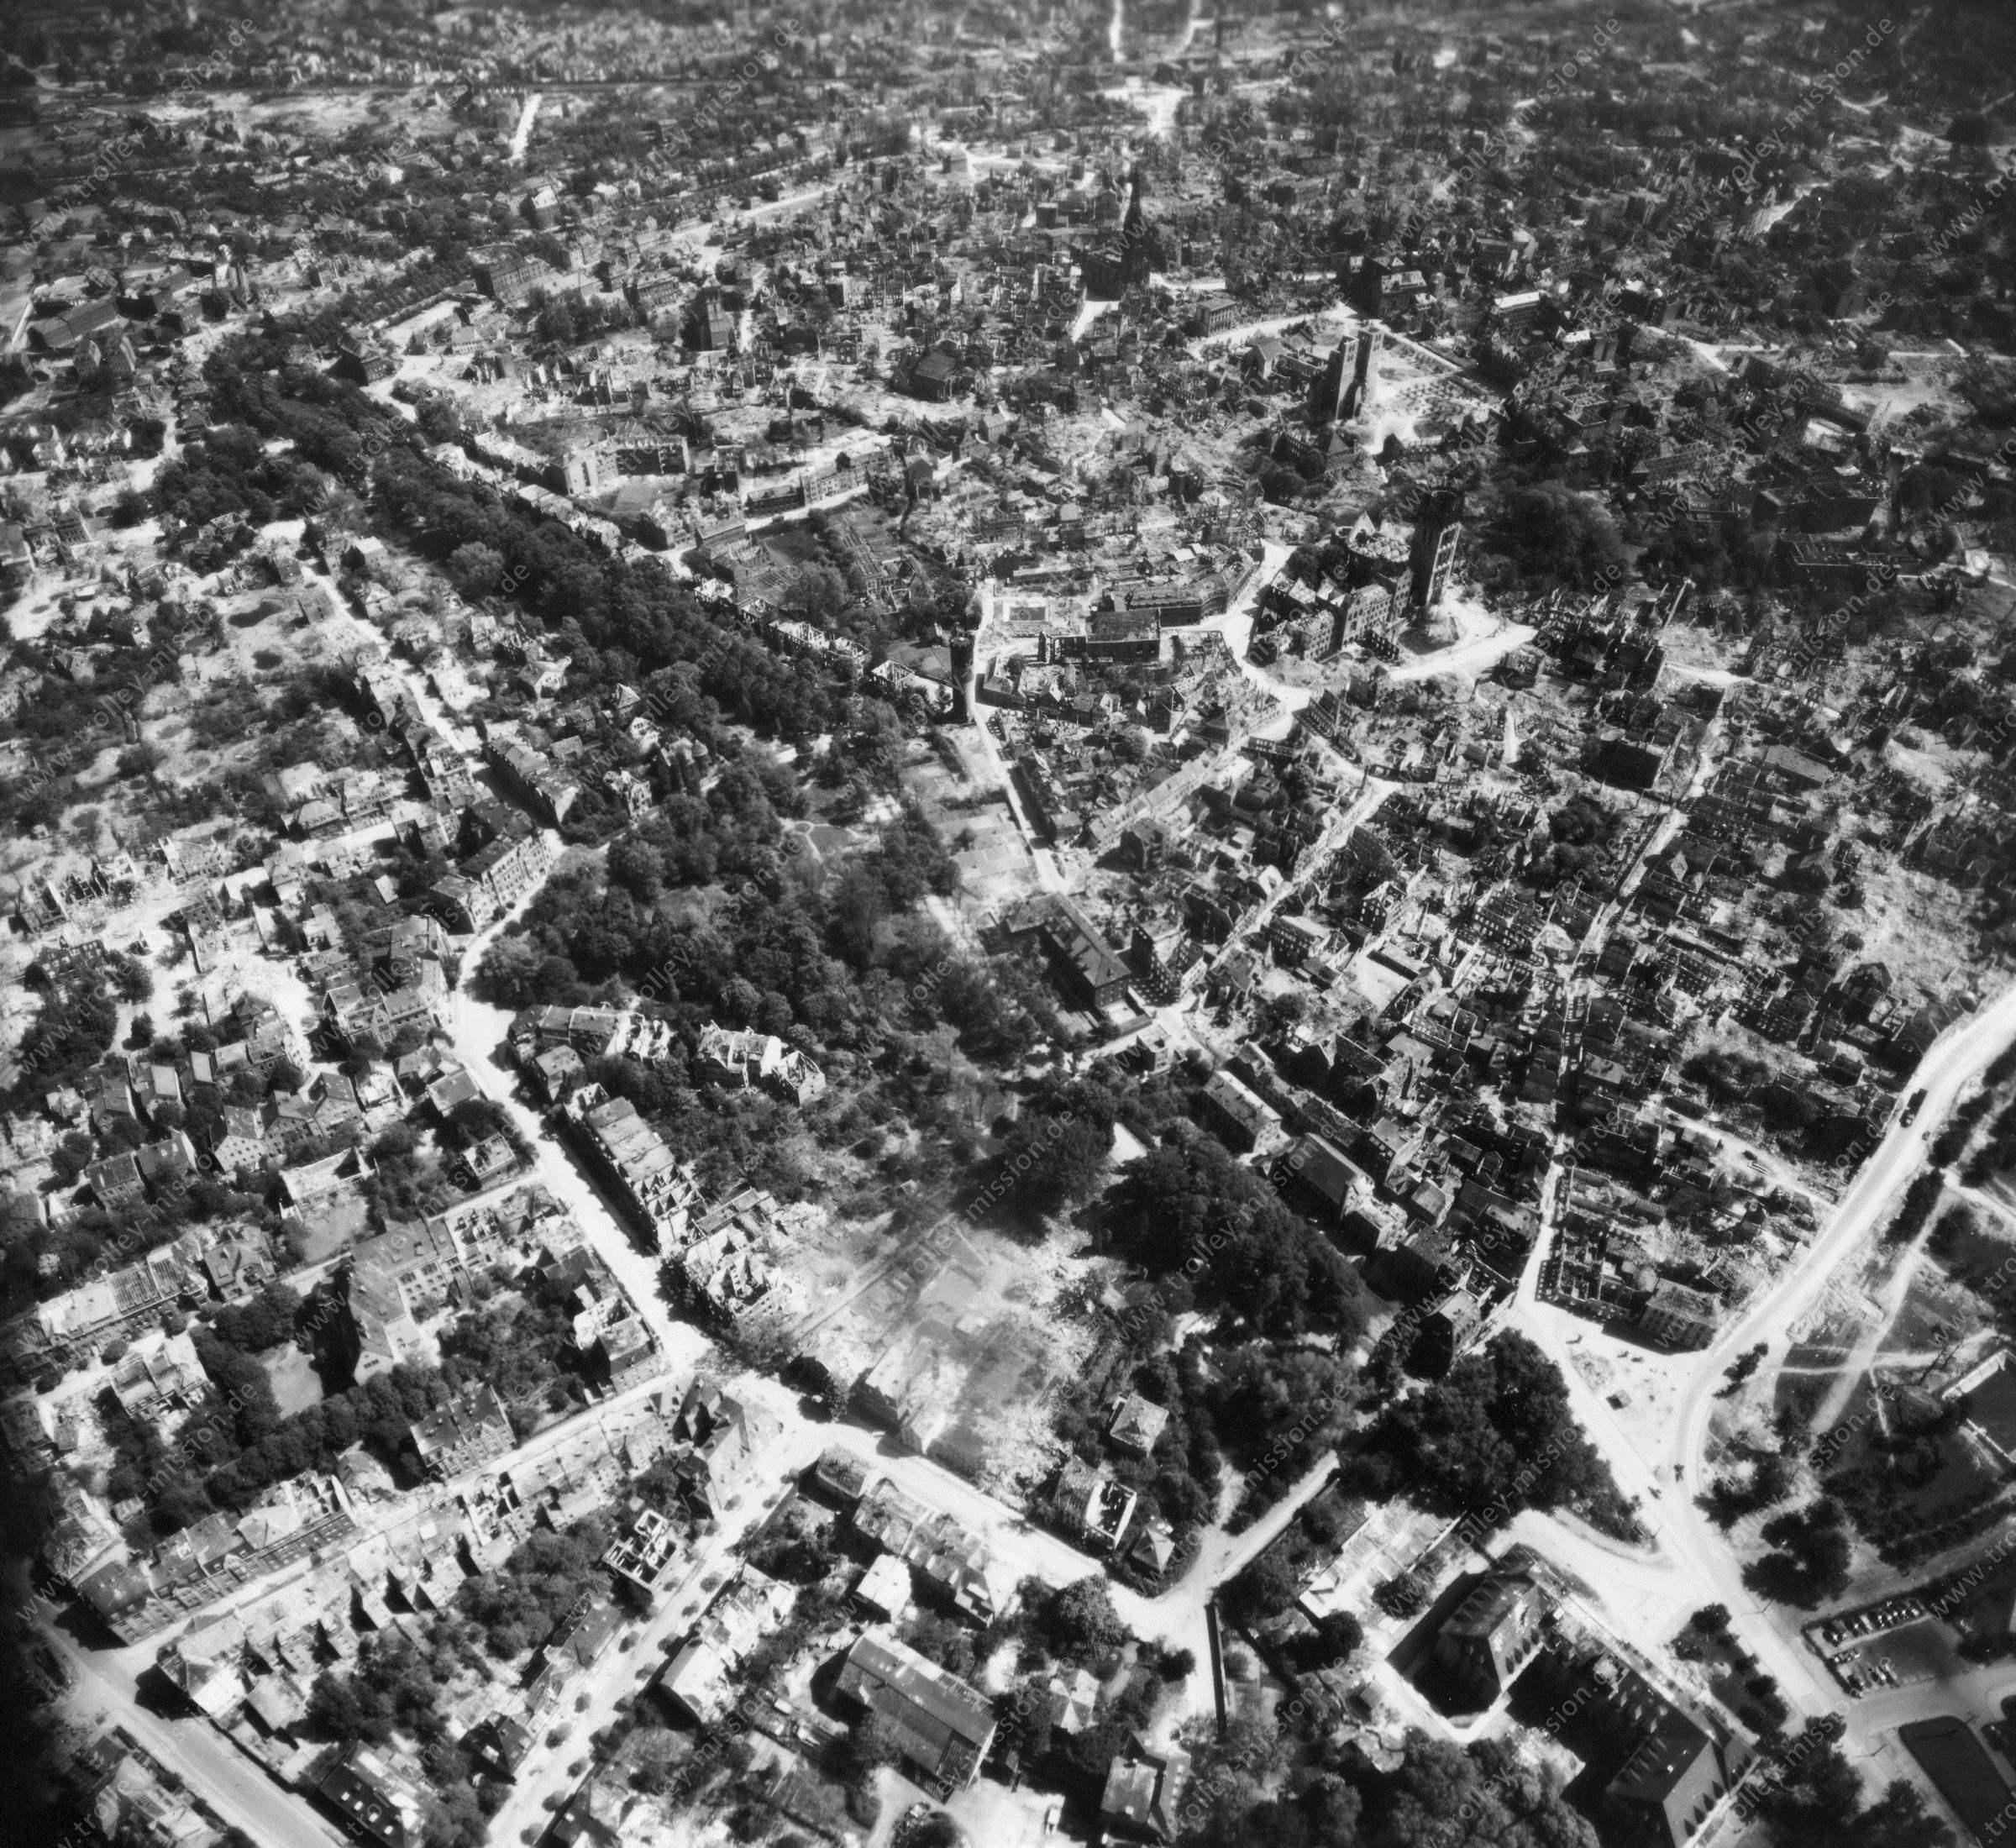 Luftbild von Münster am 12. Mai 1945 - Luftbildserie 6/11 der US Air Force